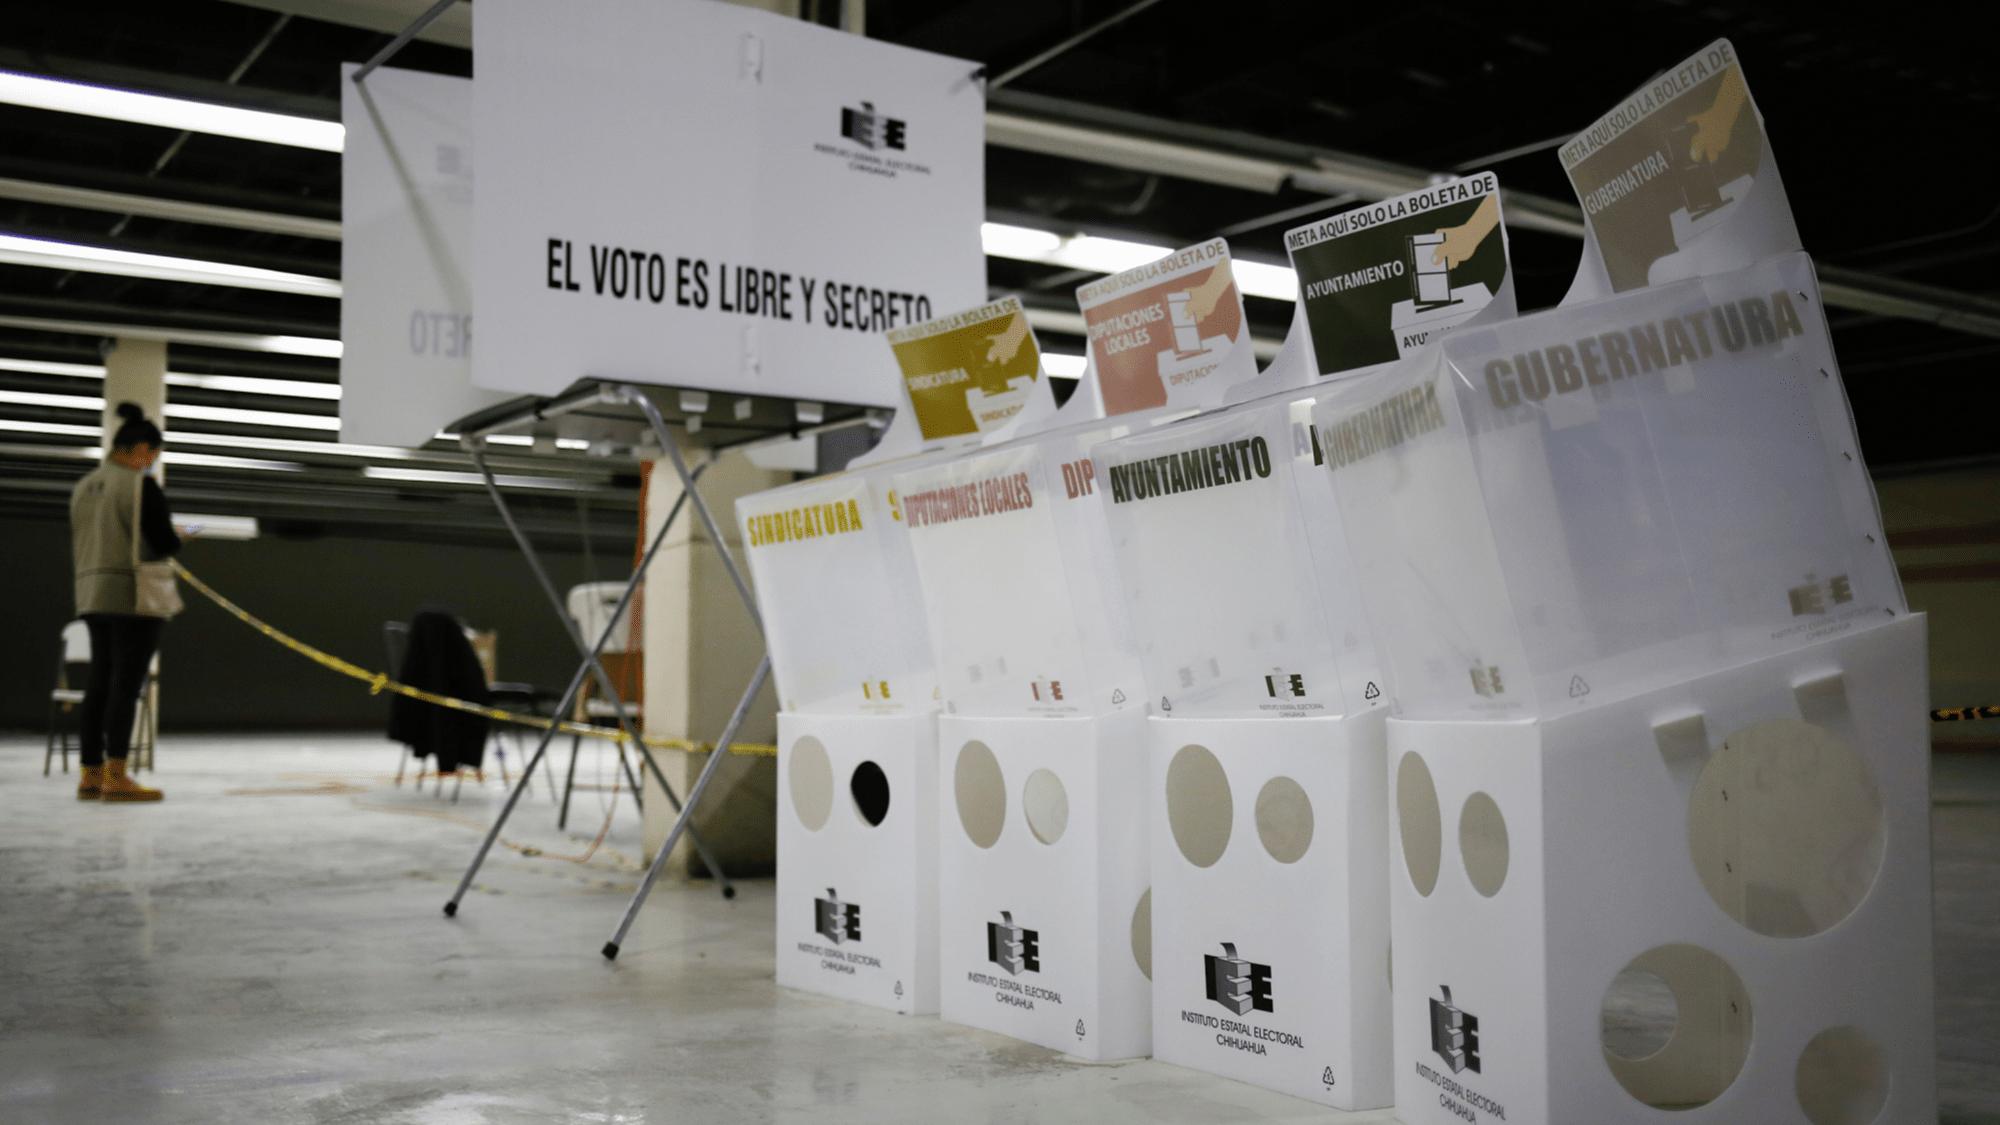 COMIENZAN A CERRAR LAS CASILLAS EN LA MAYOR PARTE DE LOS ESTADOS DE MÉXICO